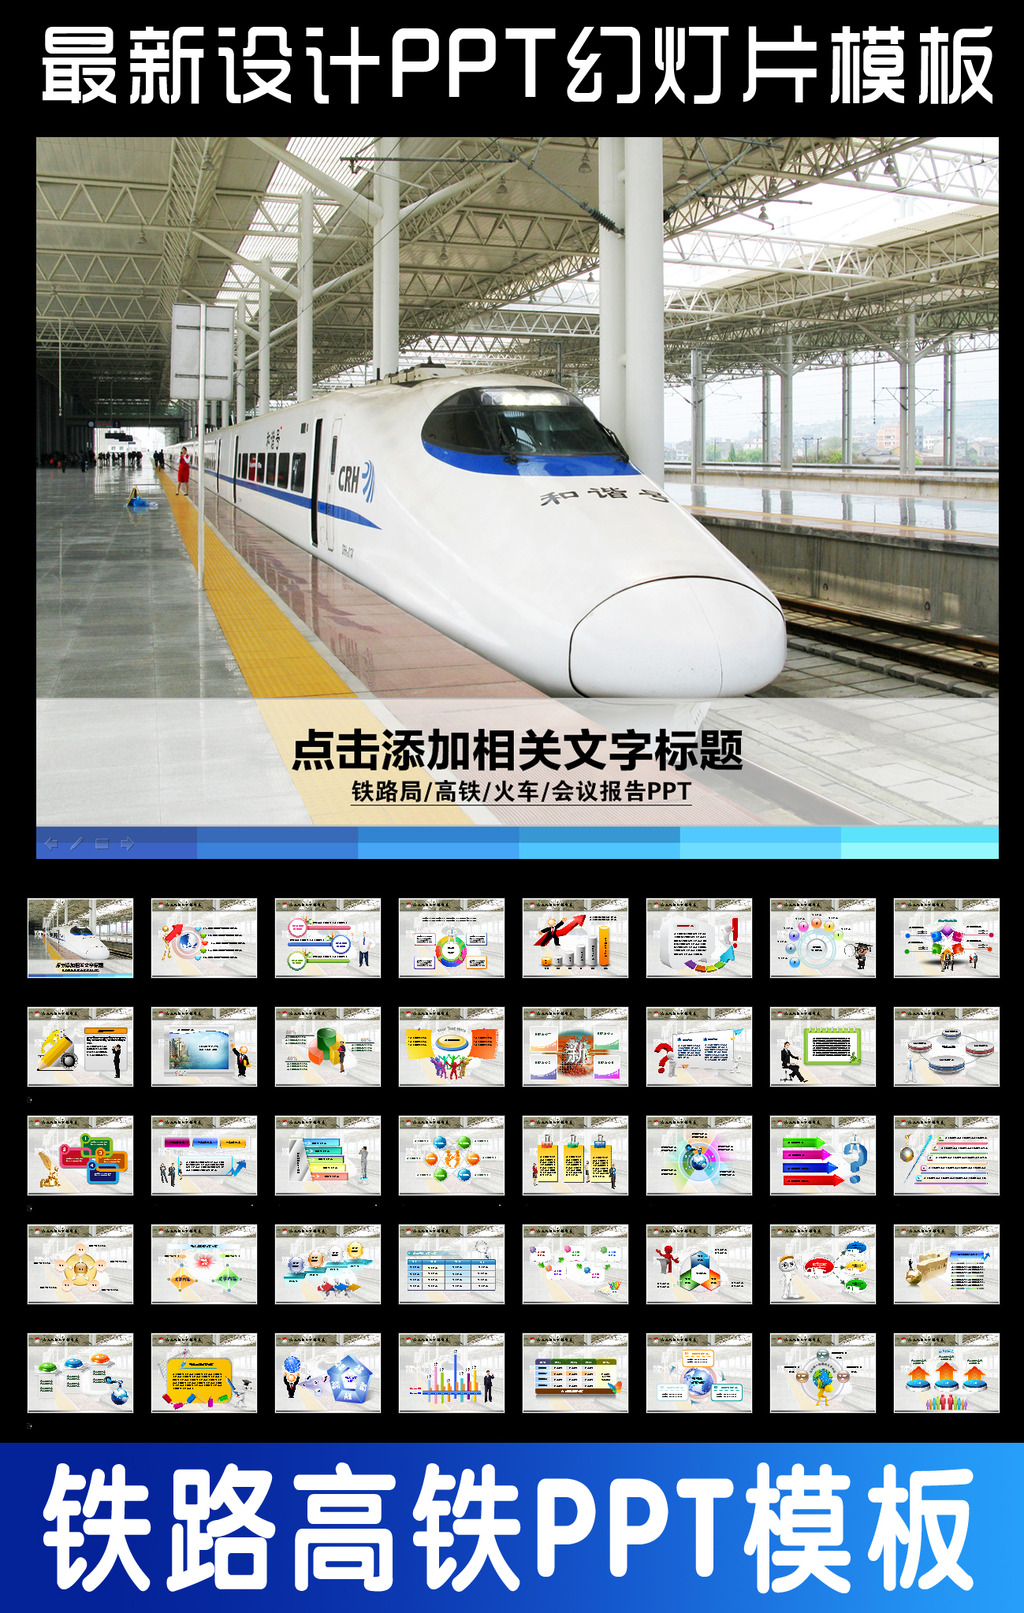 高铁动车和谐号火车PPT模板模板下载 11656140 综合PPT